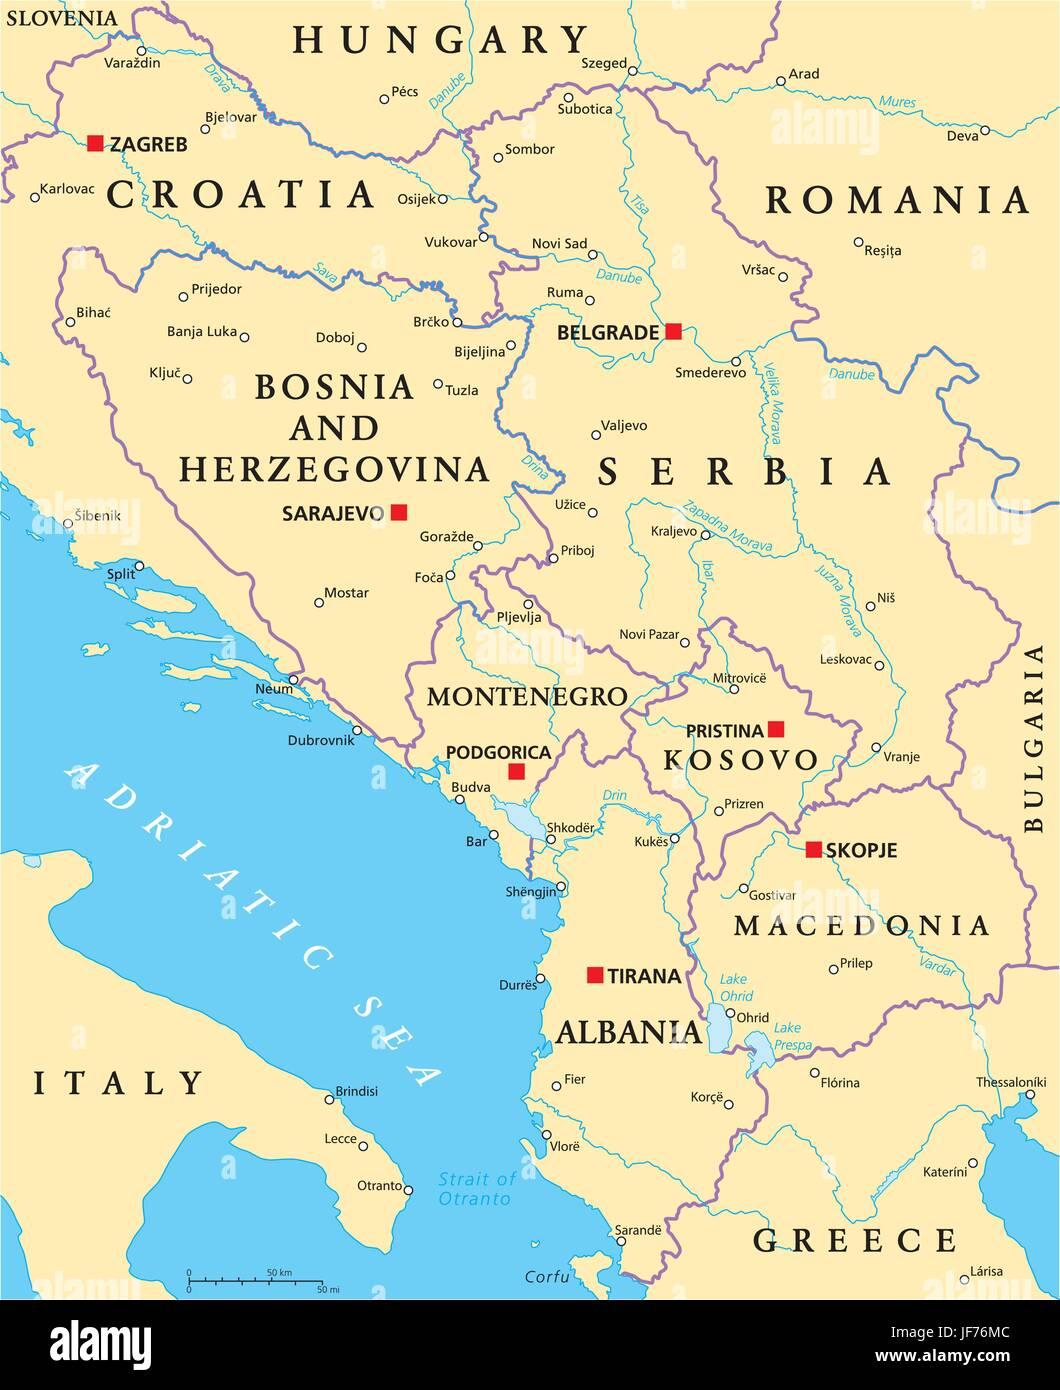 central, kosovo, states, balkans, bosnia, map, atlas, map of the world, serbia, - Stock Vector